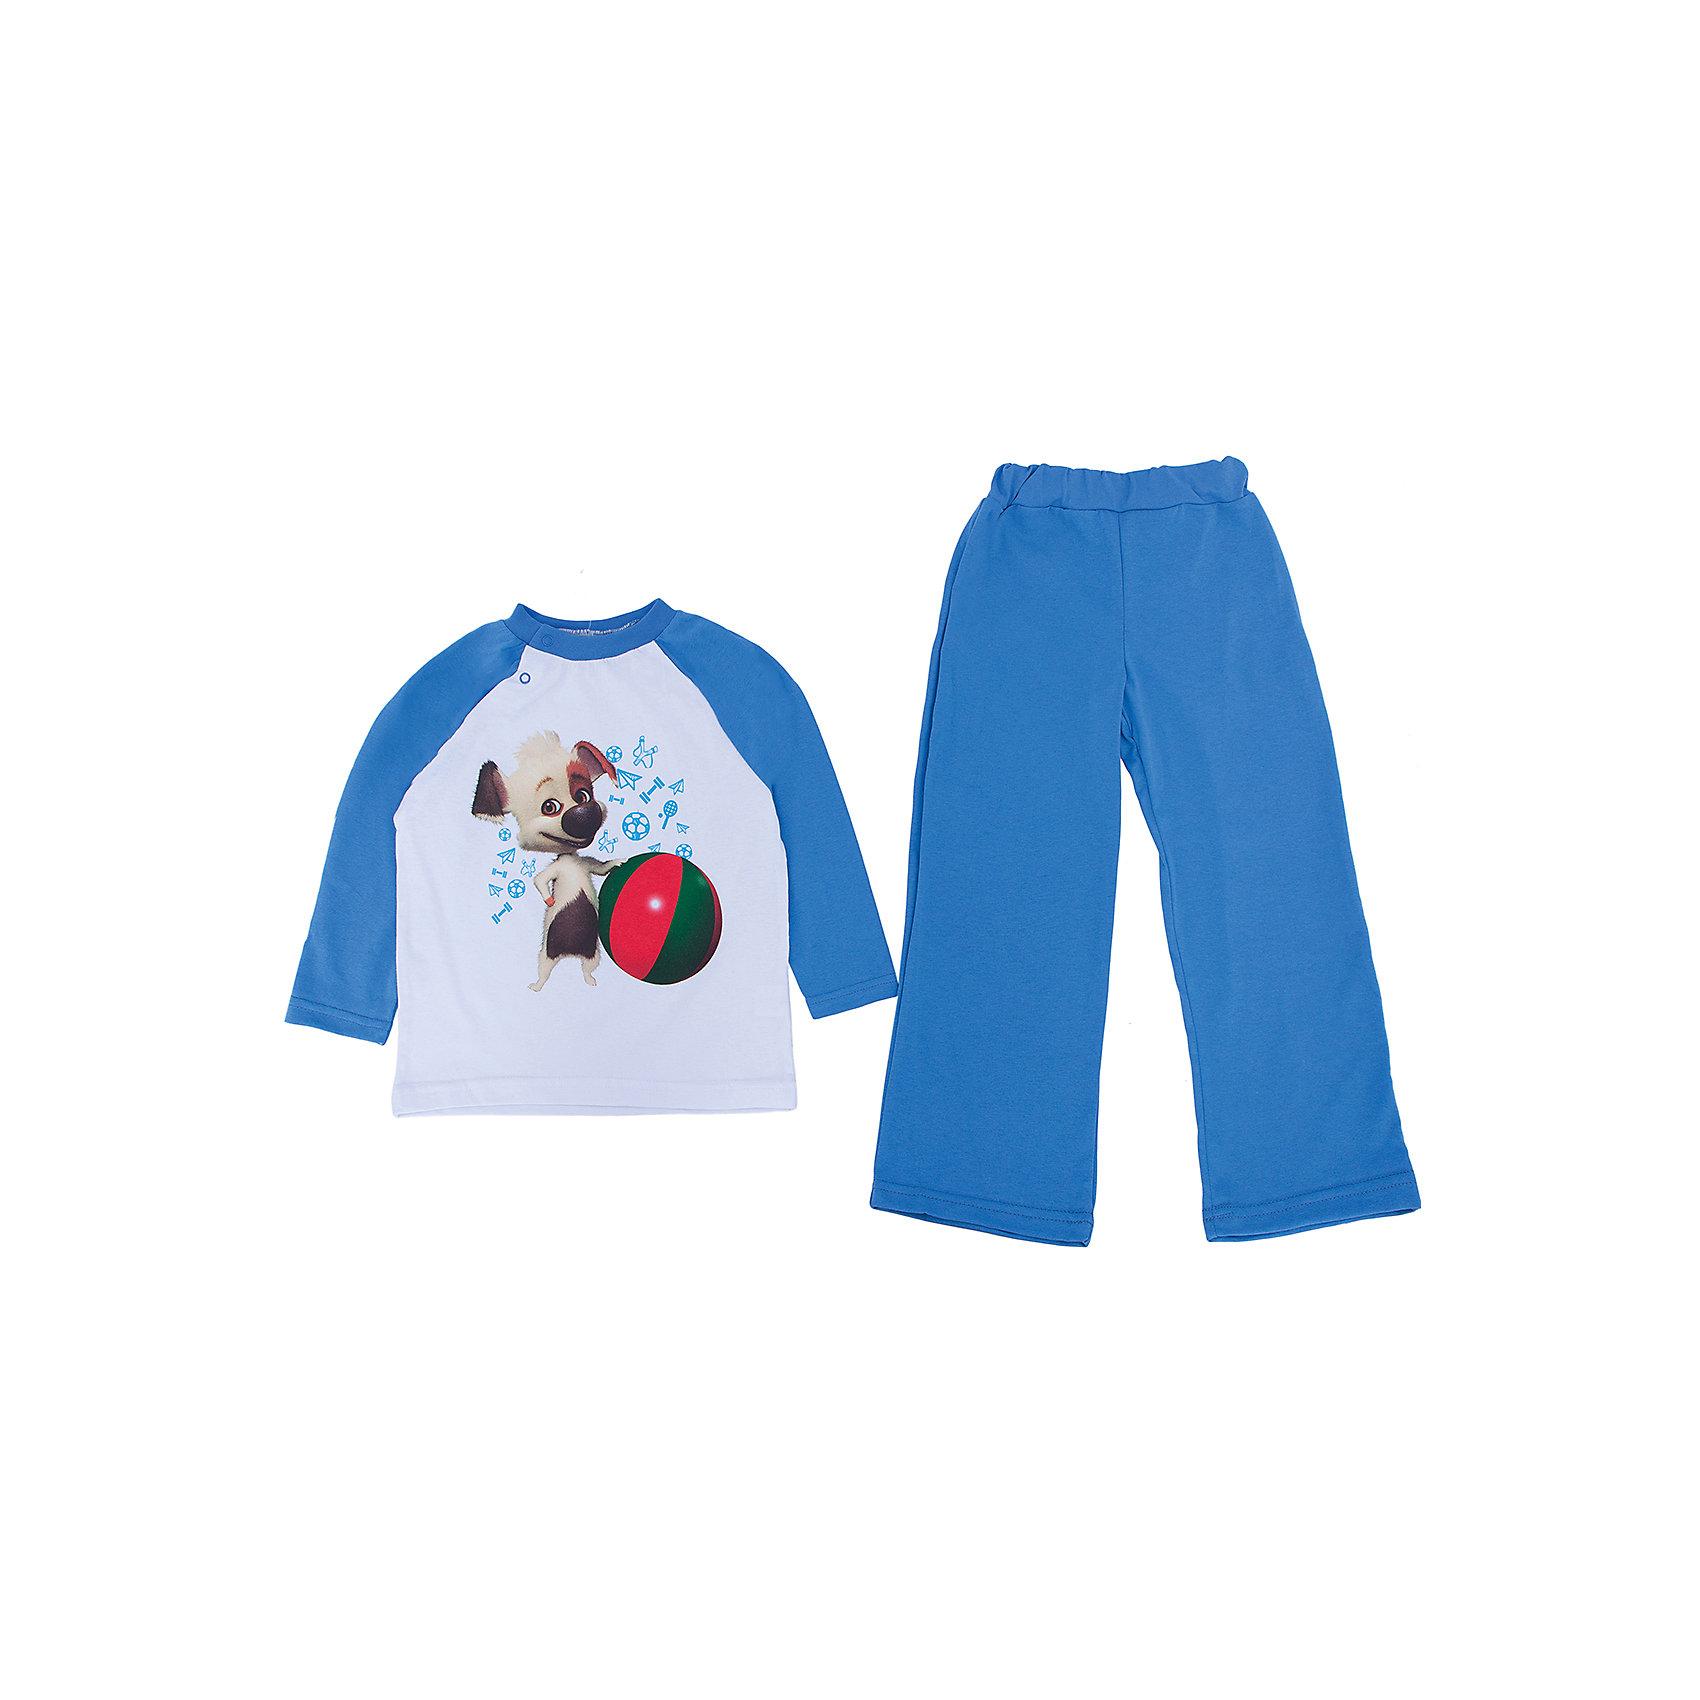 Пижама КотМарКот для мальчикаПижамы и сорочки<br>Пижама с изображением героя из мультсериала Озорная семейка, ткань кулирка. 100% хлопок<br><br>Ширина мм: 230<br>Глубина мм: 40<br>Высота мм: 220<br>Вес г: 250<br>Цвет: синий<br>Возраст от месяцев: 18<br>Возраст до месяцев: 24<br>Пол: Мужской<br>Возраст: Детский<br>Размер: 110,116,92,122,98,104<br>SKU: 4725101